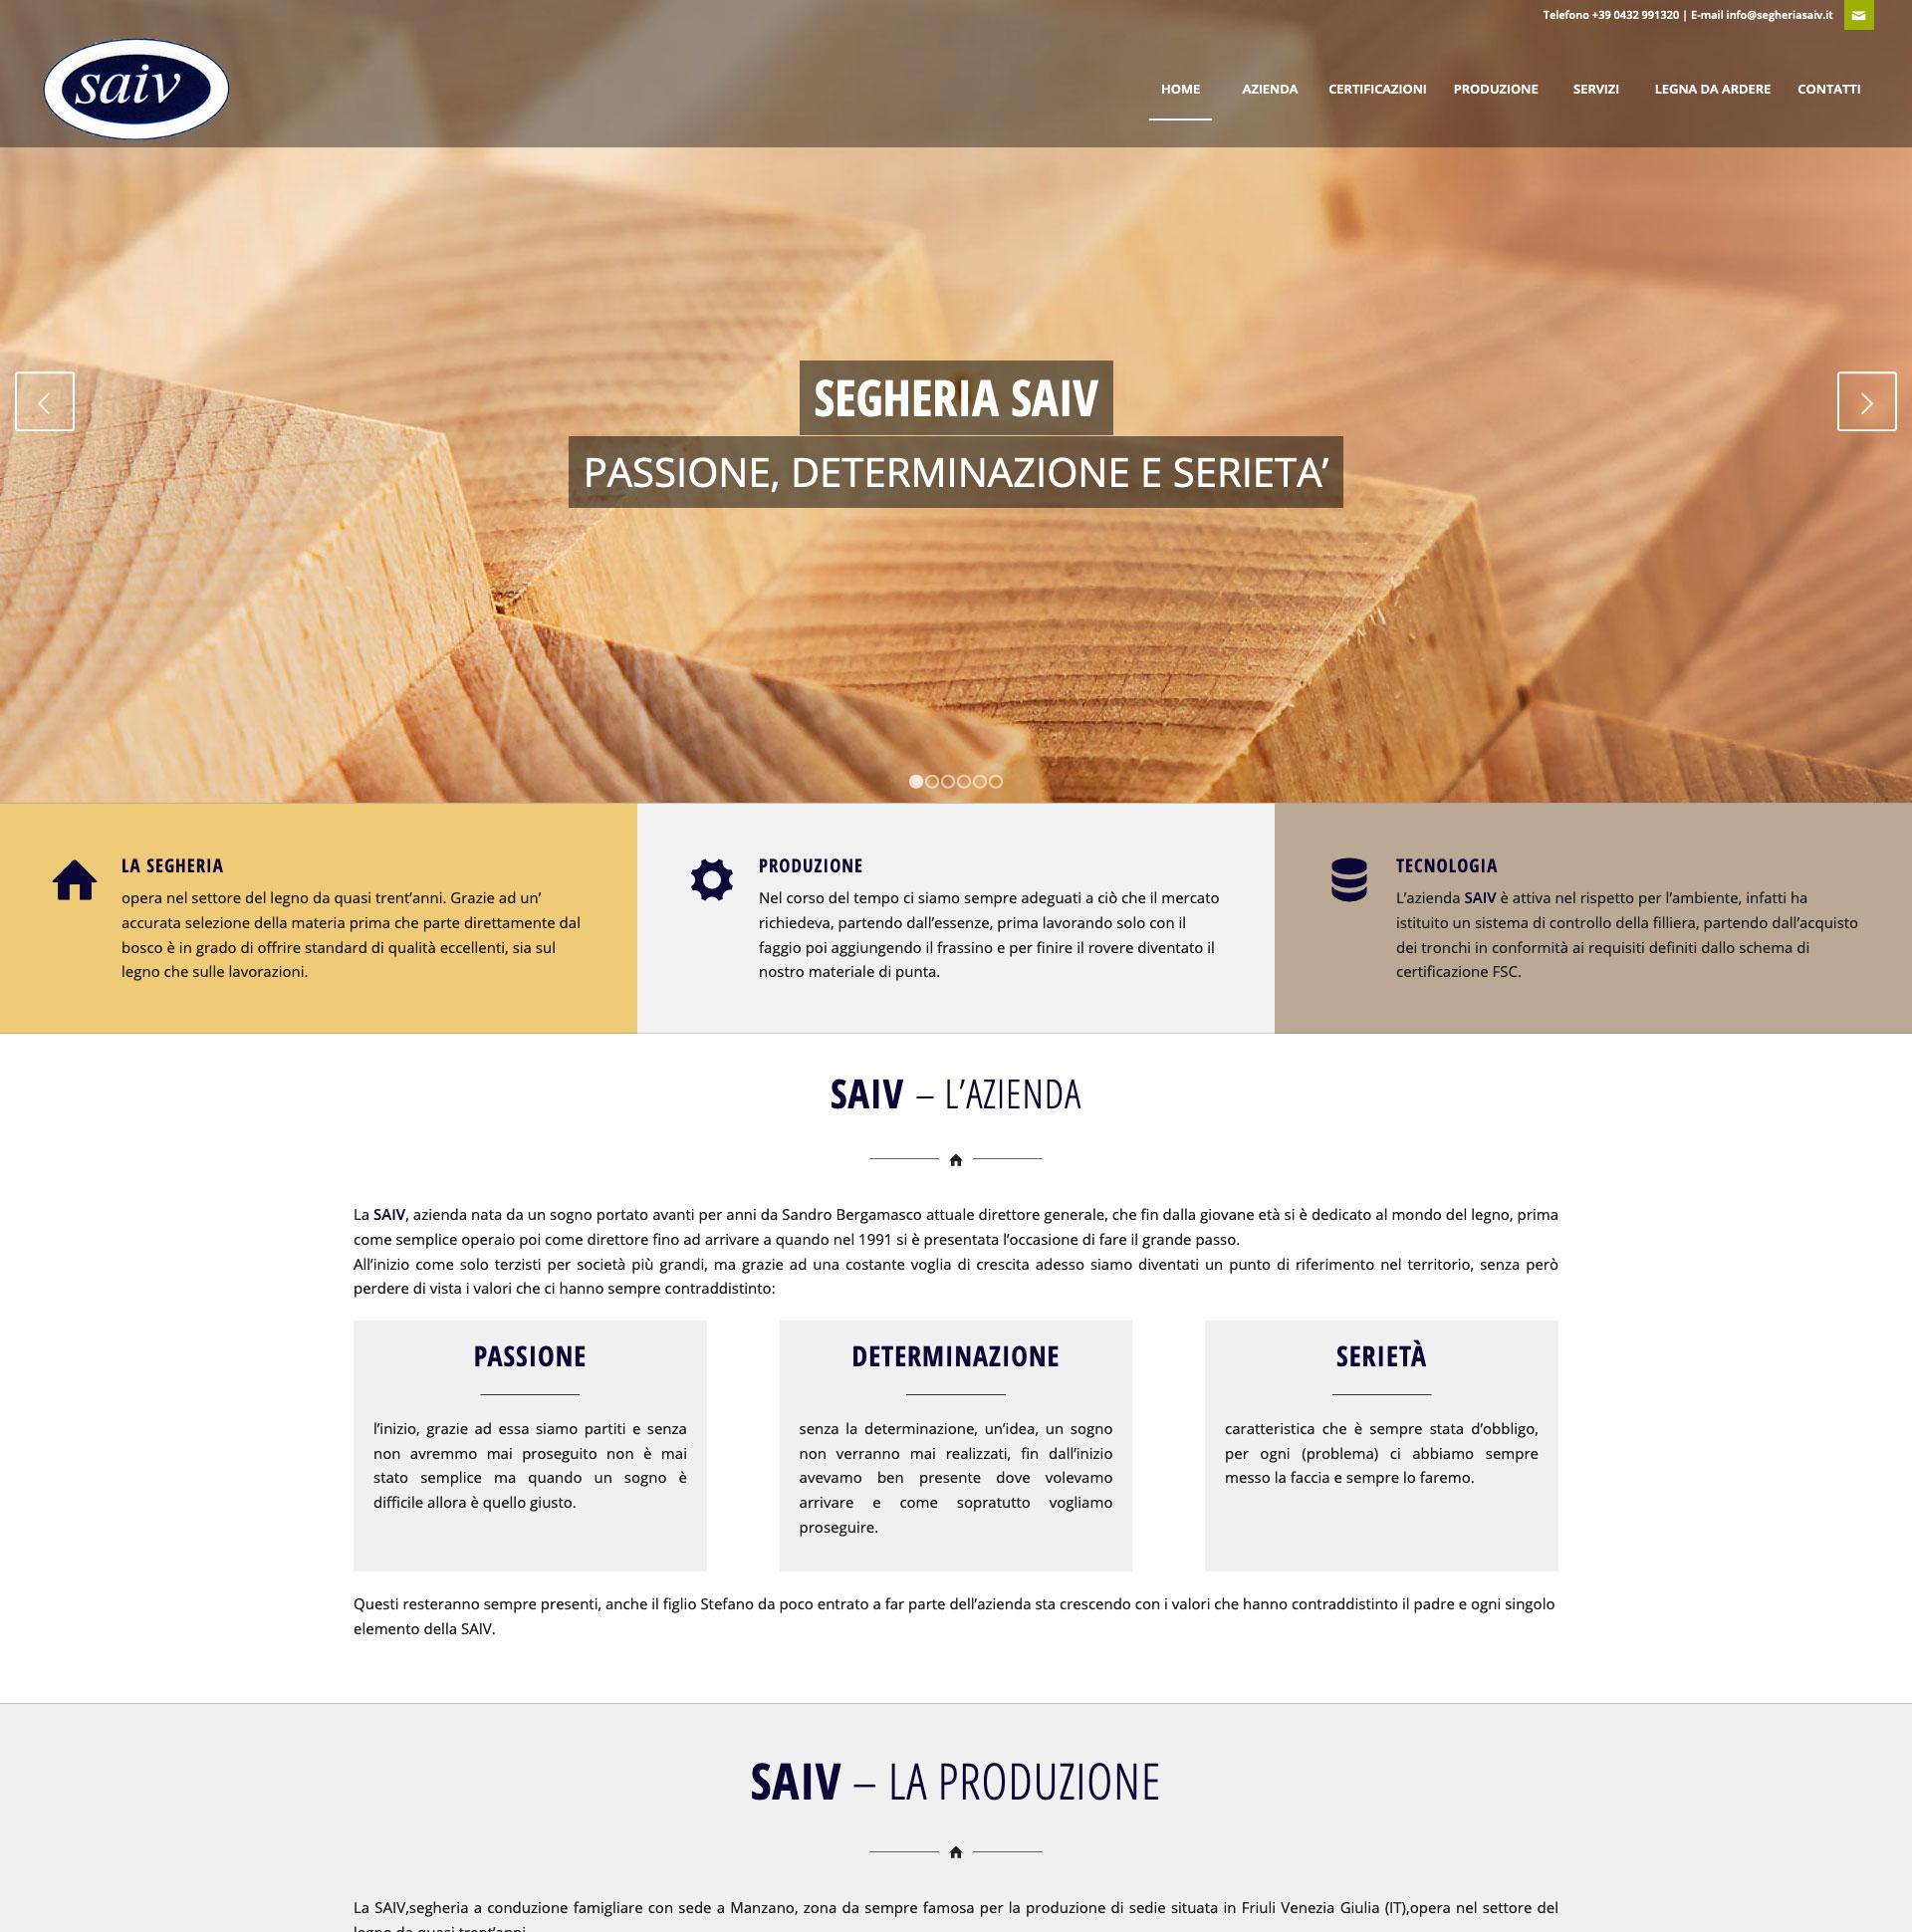 Saiv Affida A Whygroup La Progettazione Del Nuovo Sito Why Group Srl Web Agency Udine Friuli Venezia Giulia